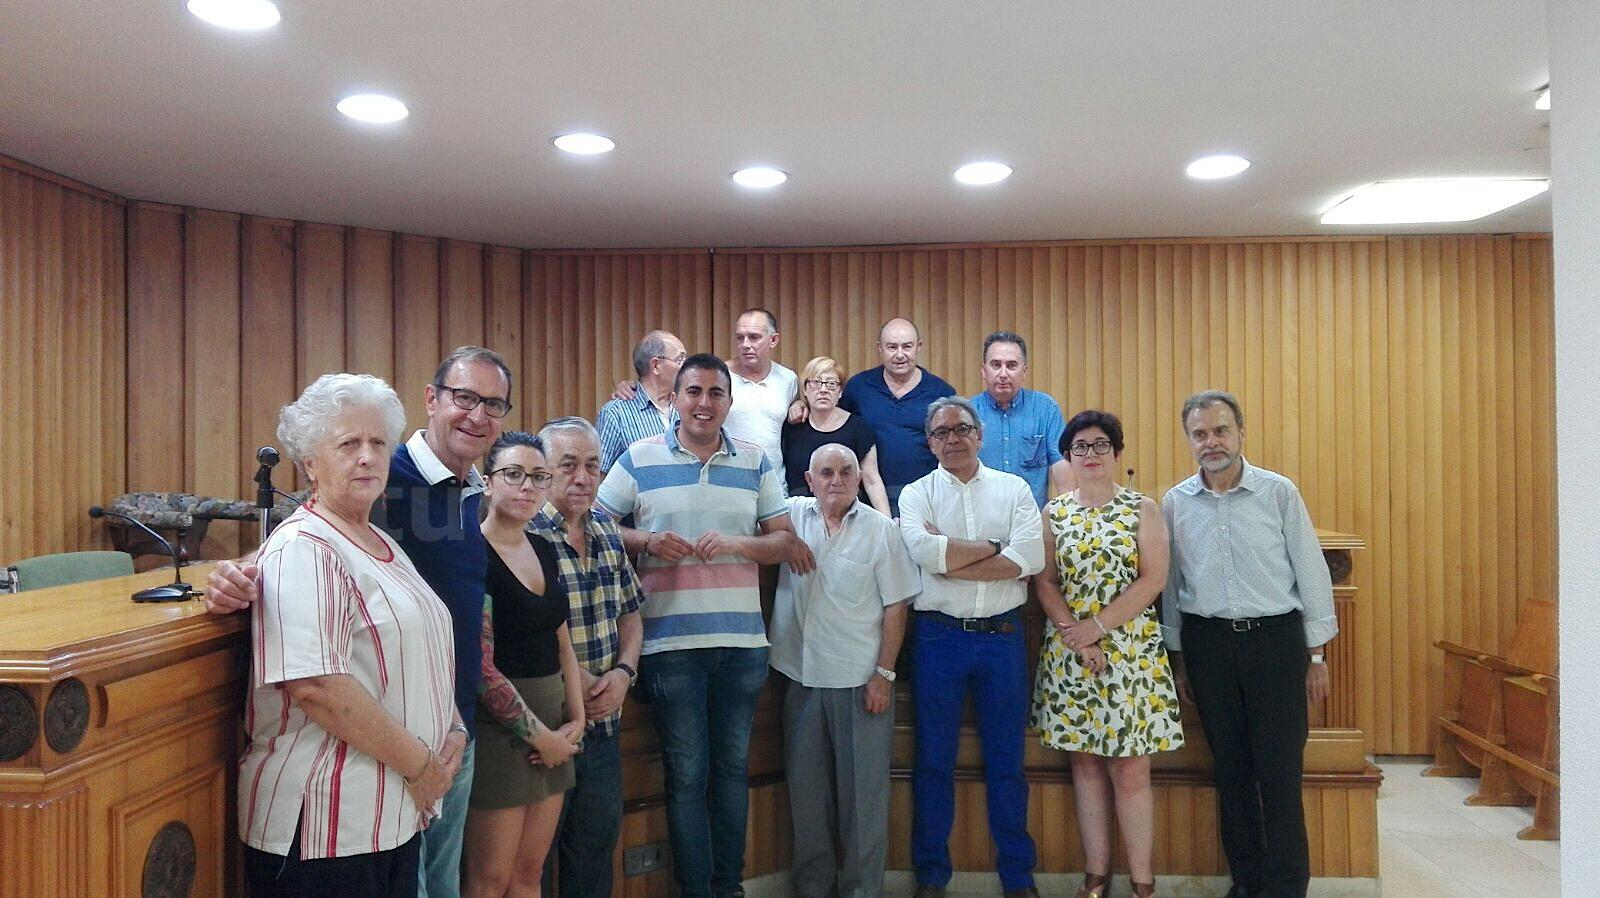 El salón de actos del Ayuntamiento de Buñol ha acogido el primer acto de apoyo a Ximo Puig en La Hoya.